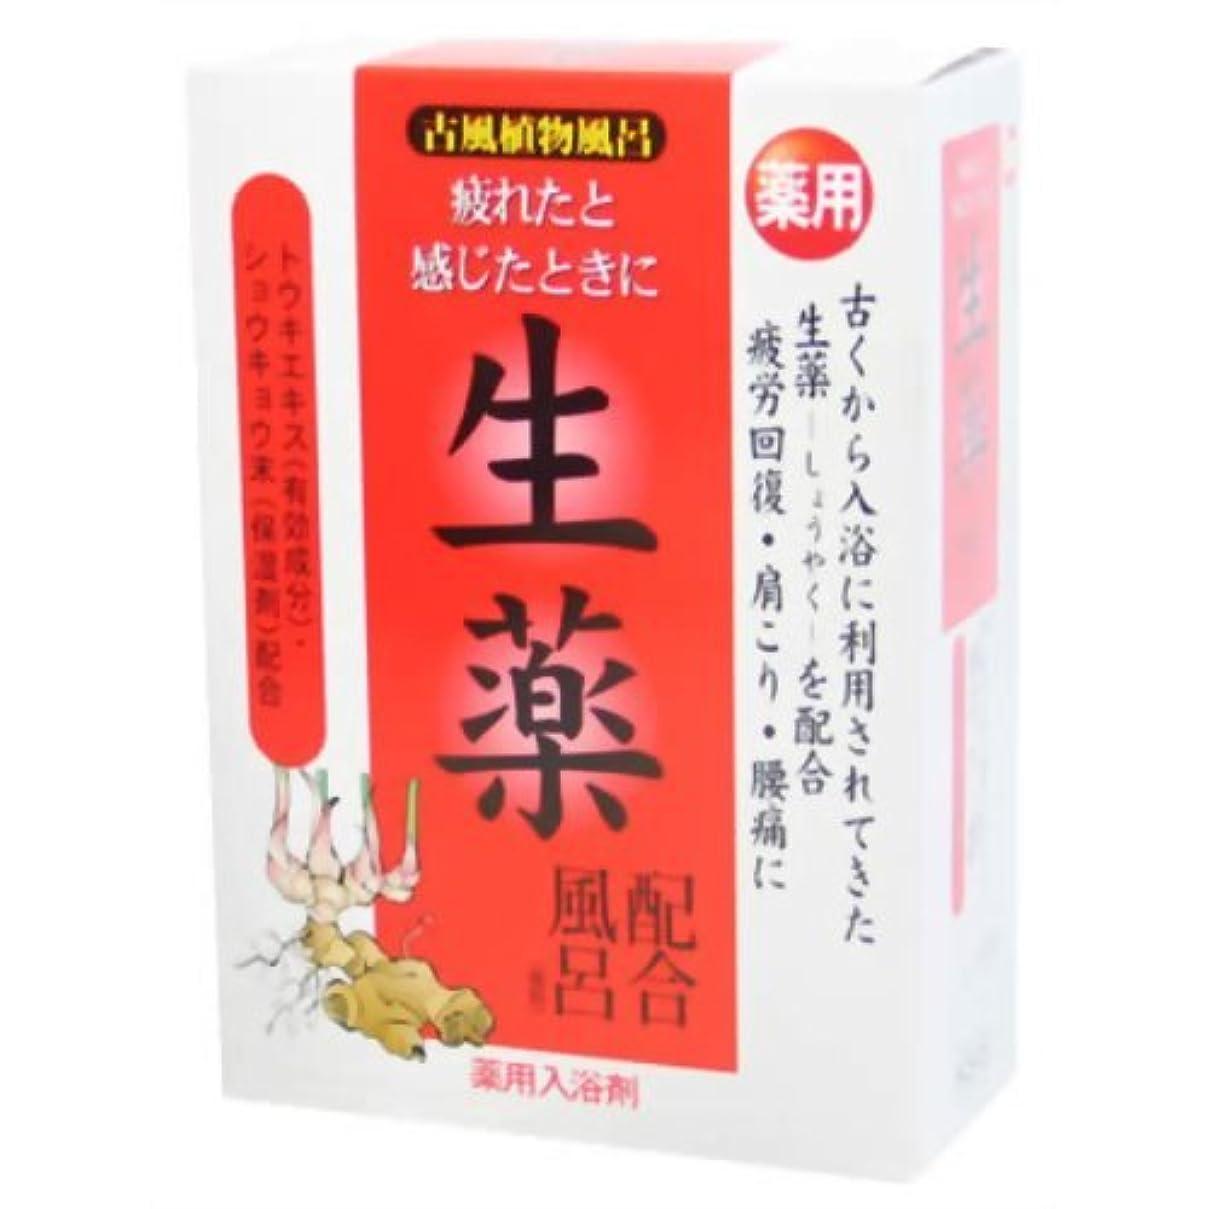 消費する止まる個人的に古風植物風呂 生薬配合風呂 25g*5包(入浴剤)